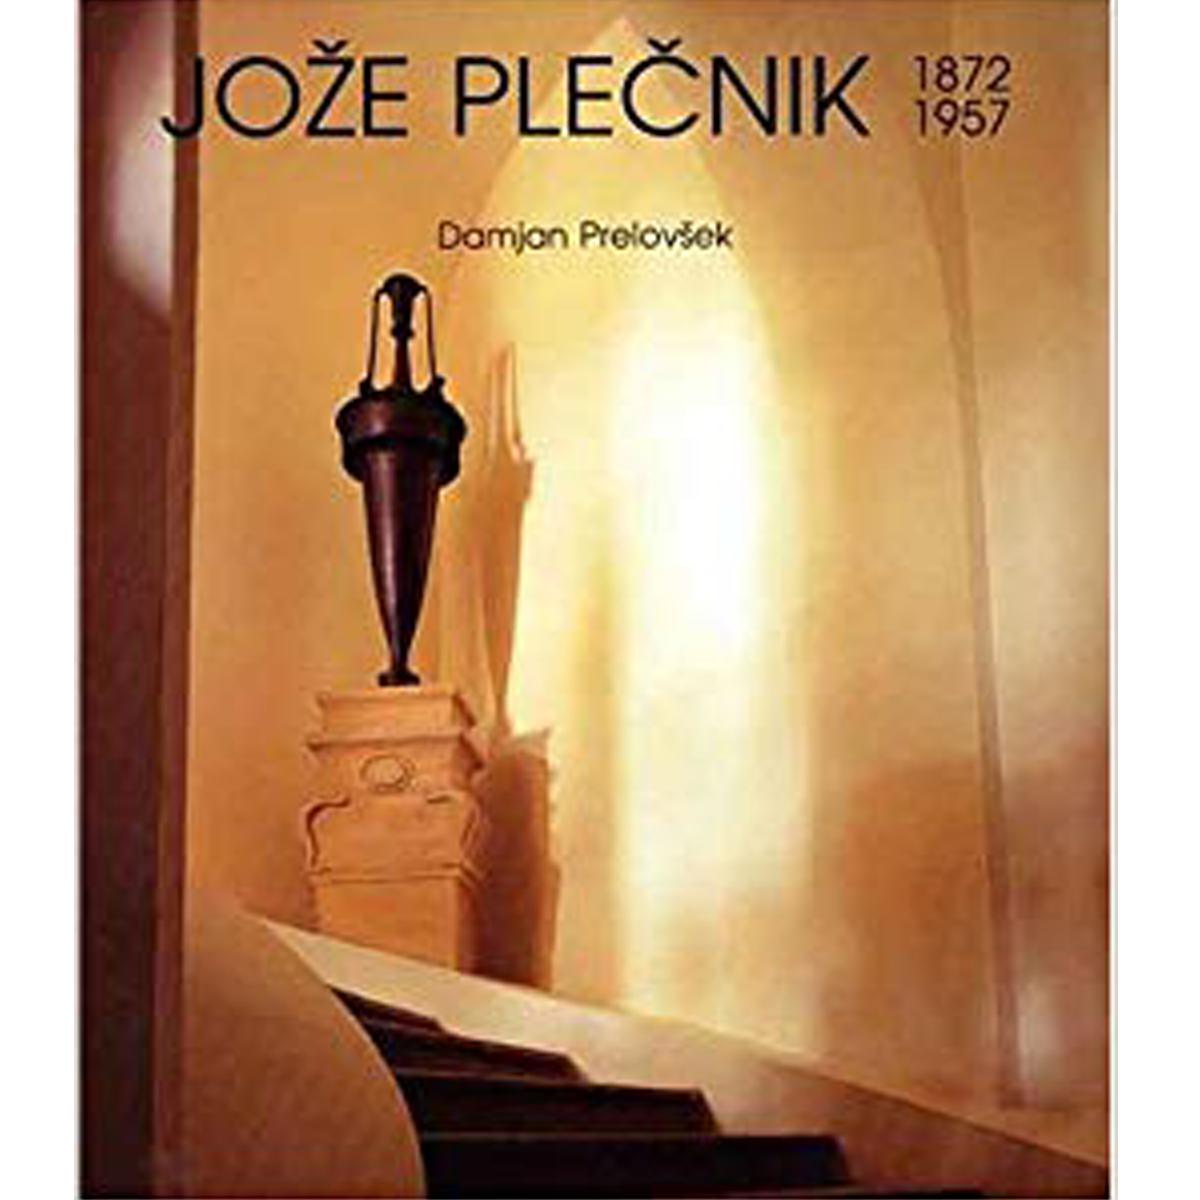 Joze Plecnik, 1872-1957